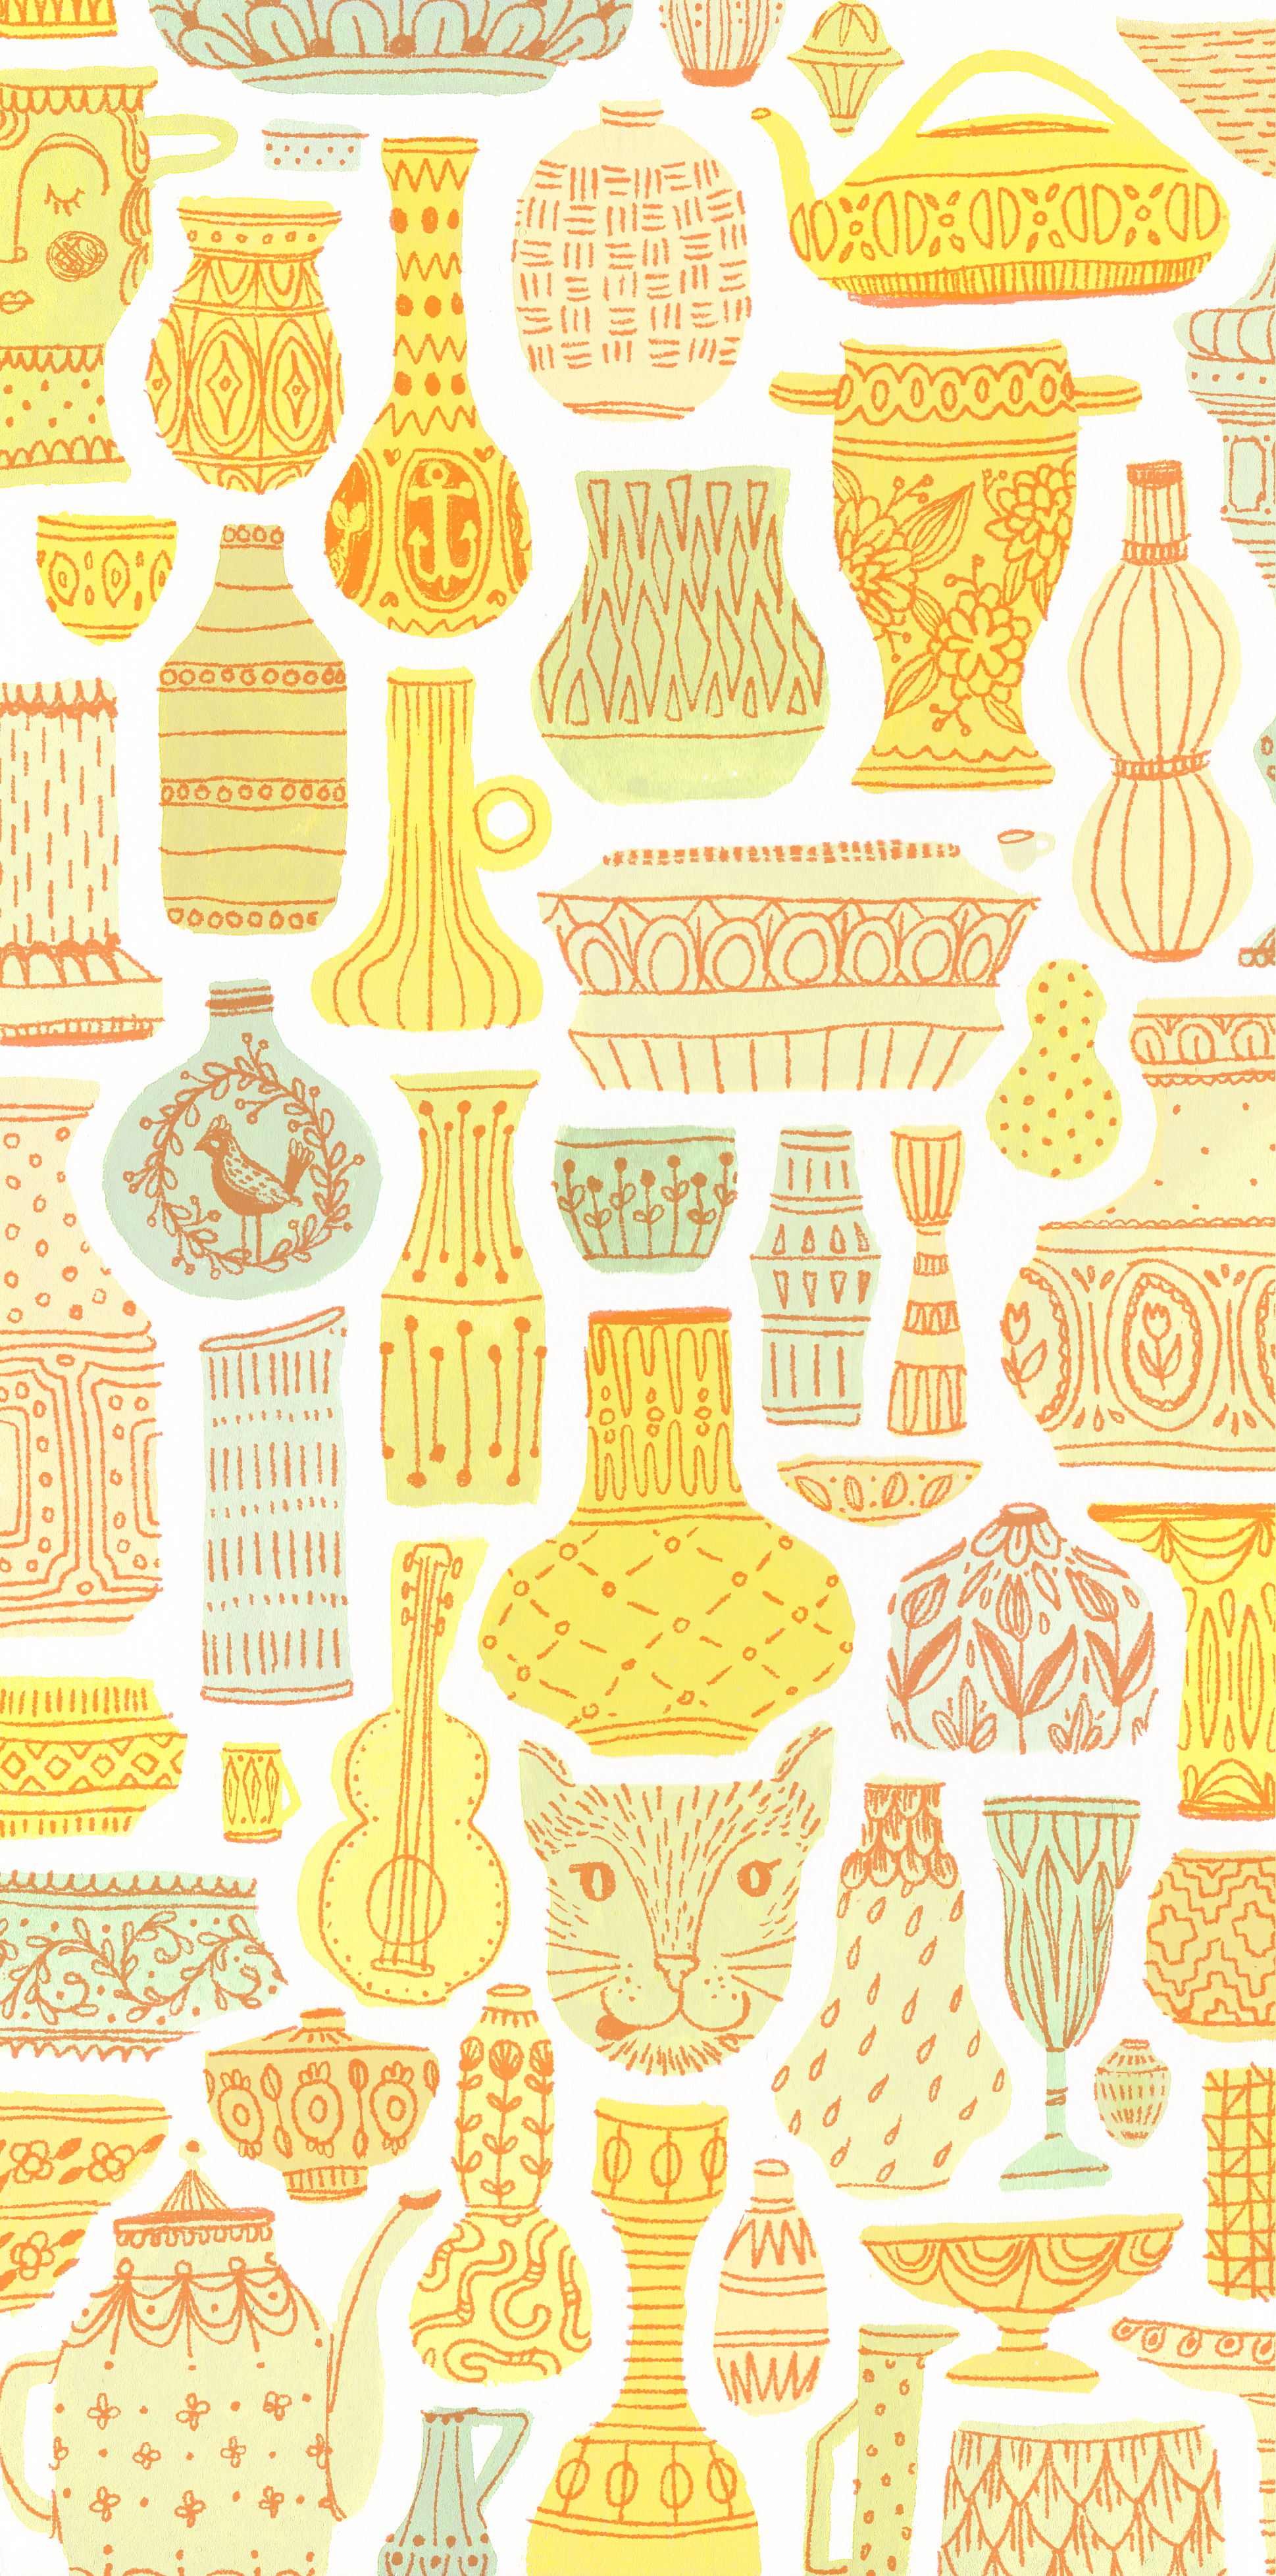 5_orange_lines_pastel_vessels.jpg